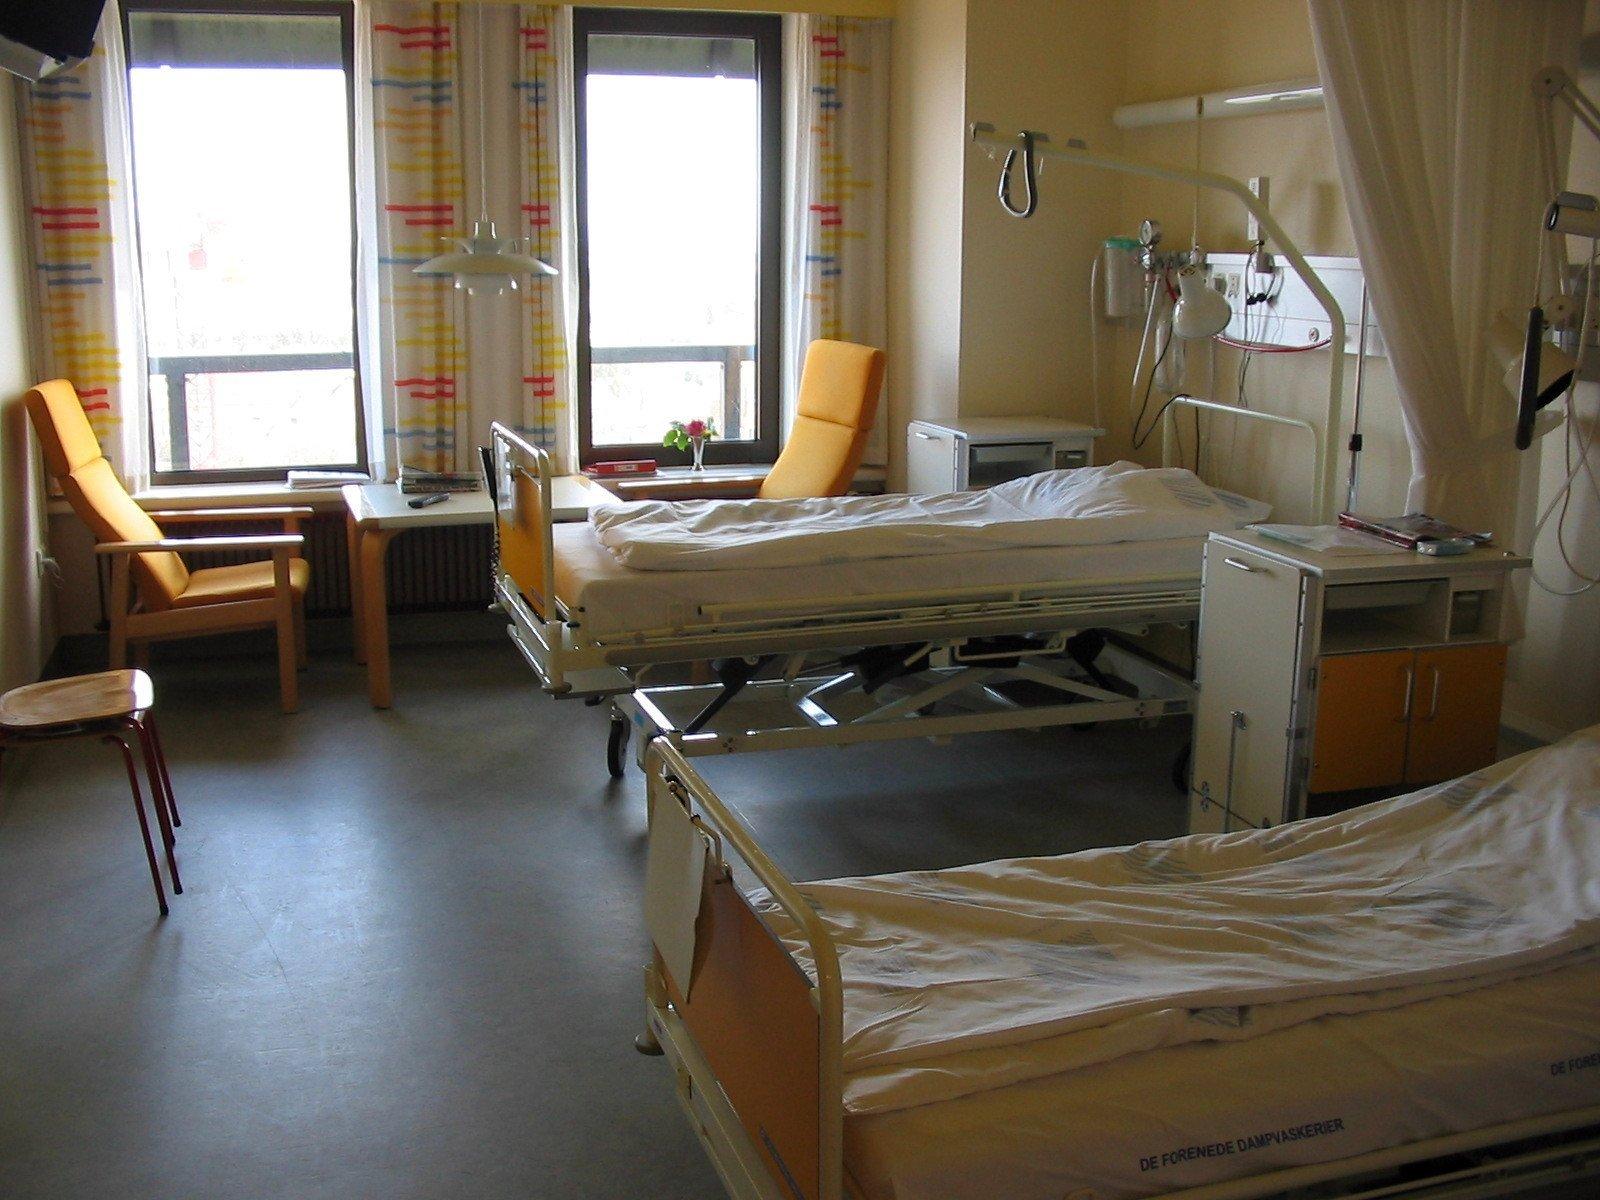 Cancún: Falta infraestructura hospitalaria suficiente para el turismo médico